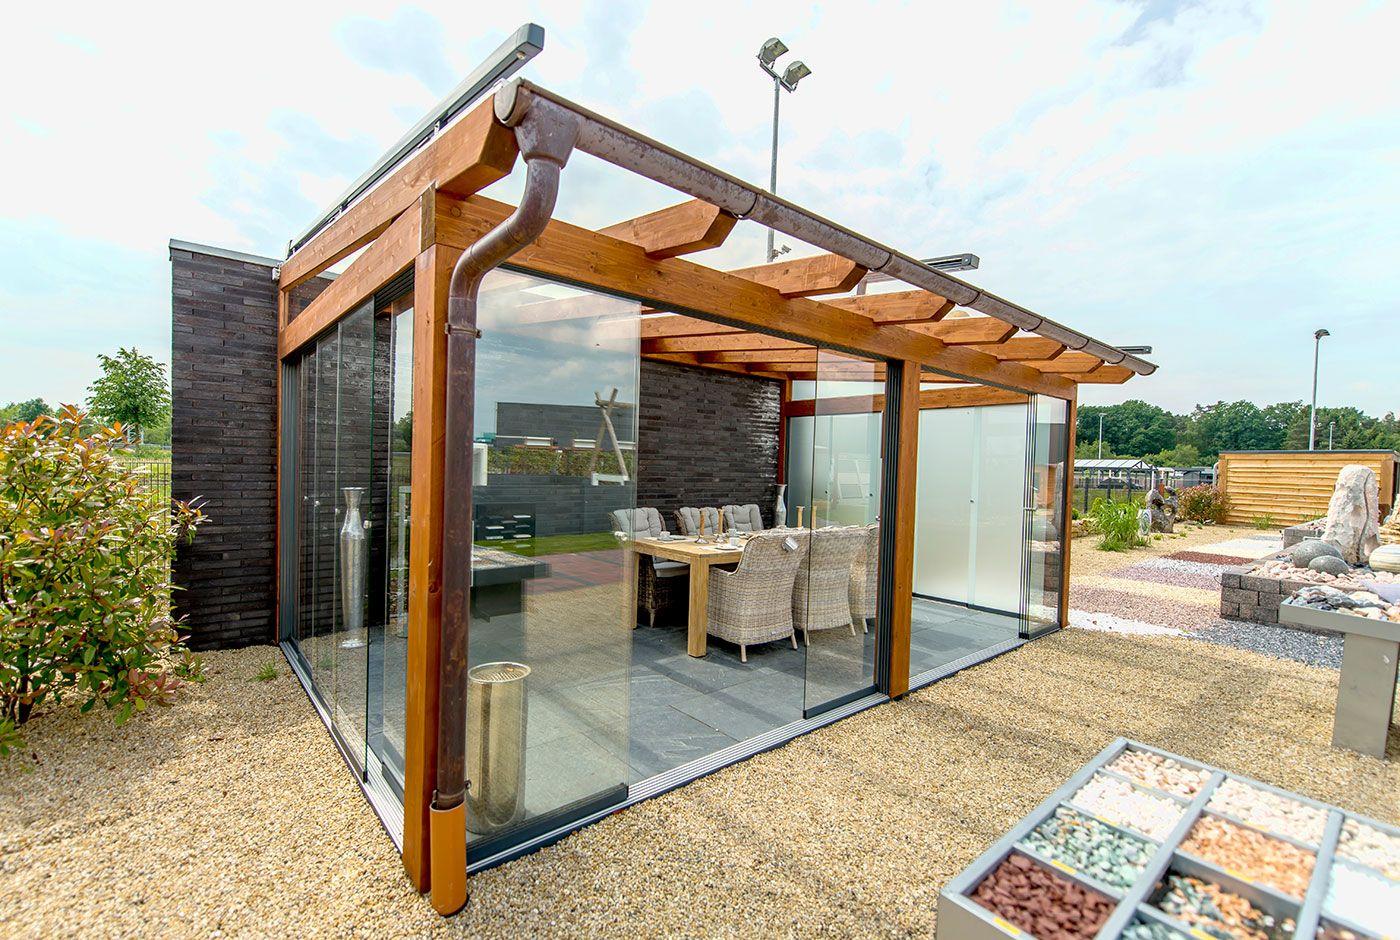 Holz Geschlossen Cool Bild Auf Acrylglas Holzfenster Geschlossen Blick Von Innen Isoliert Auf